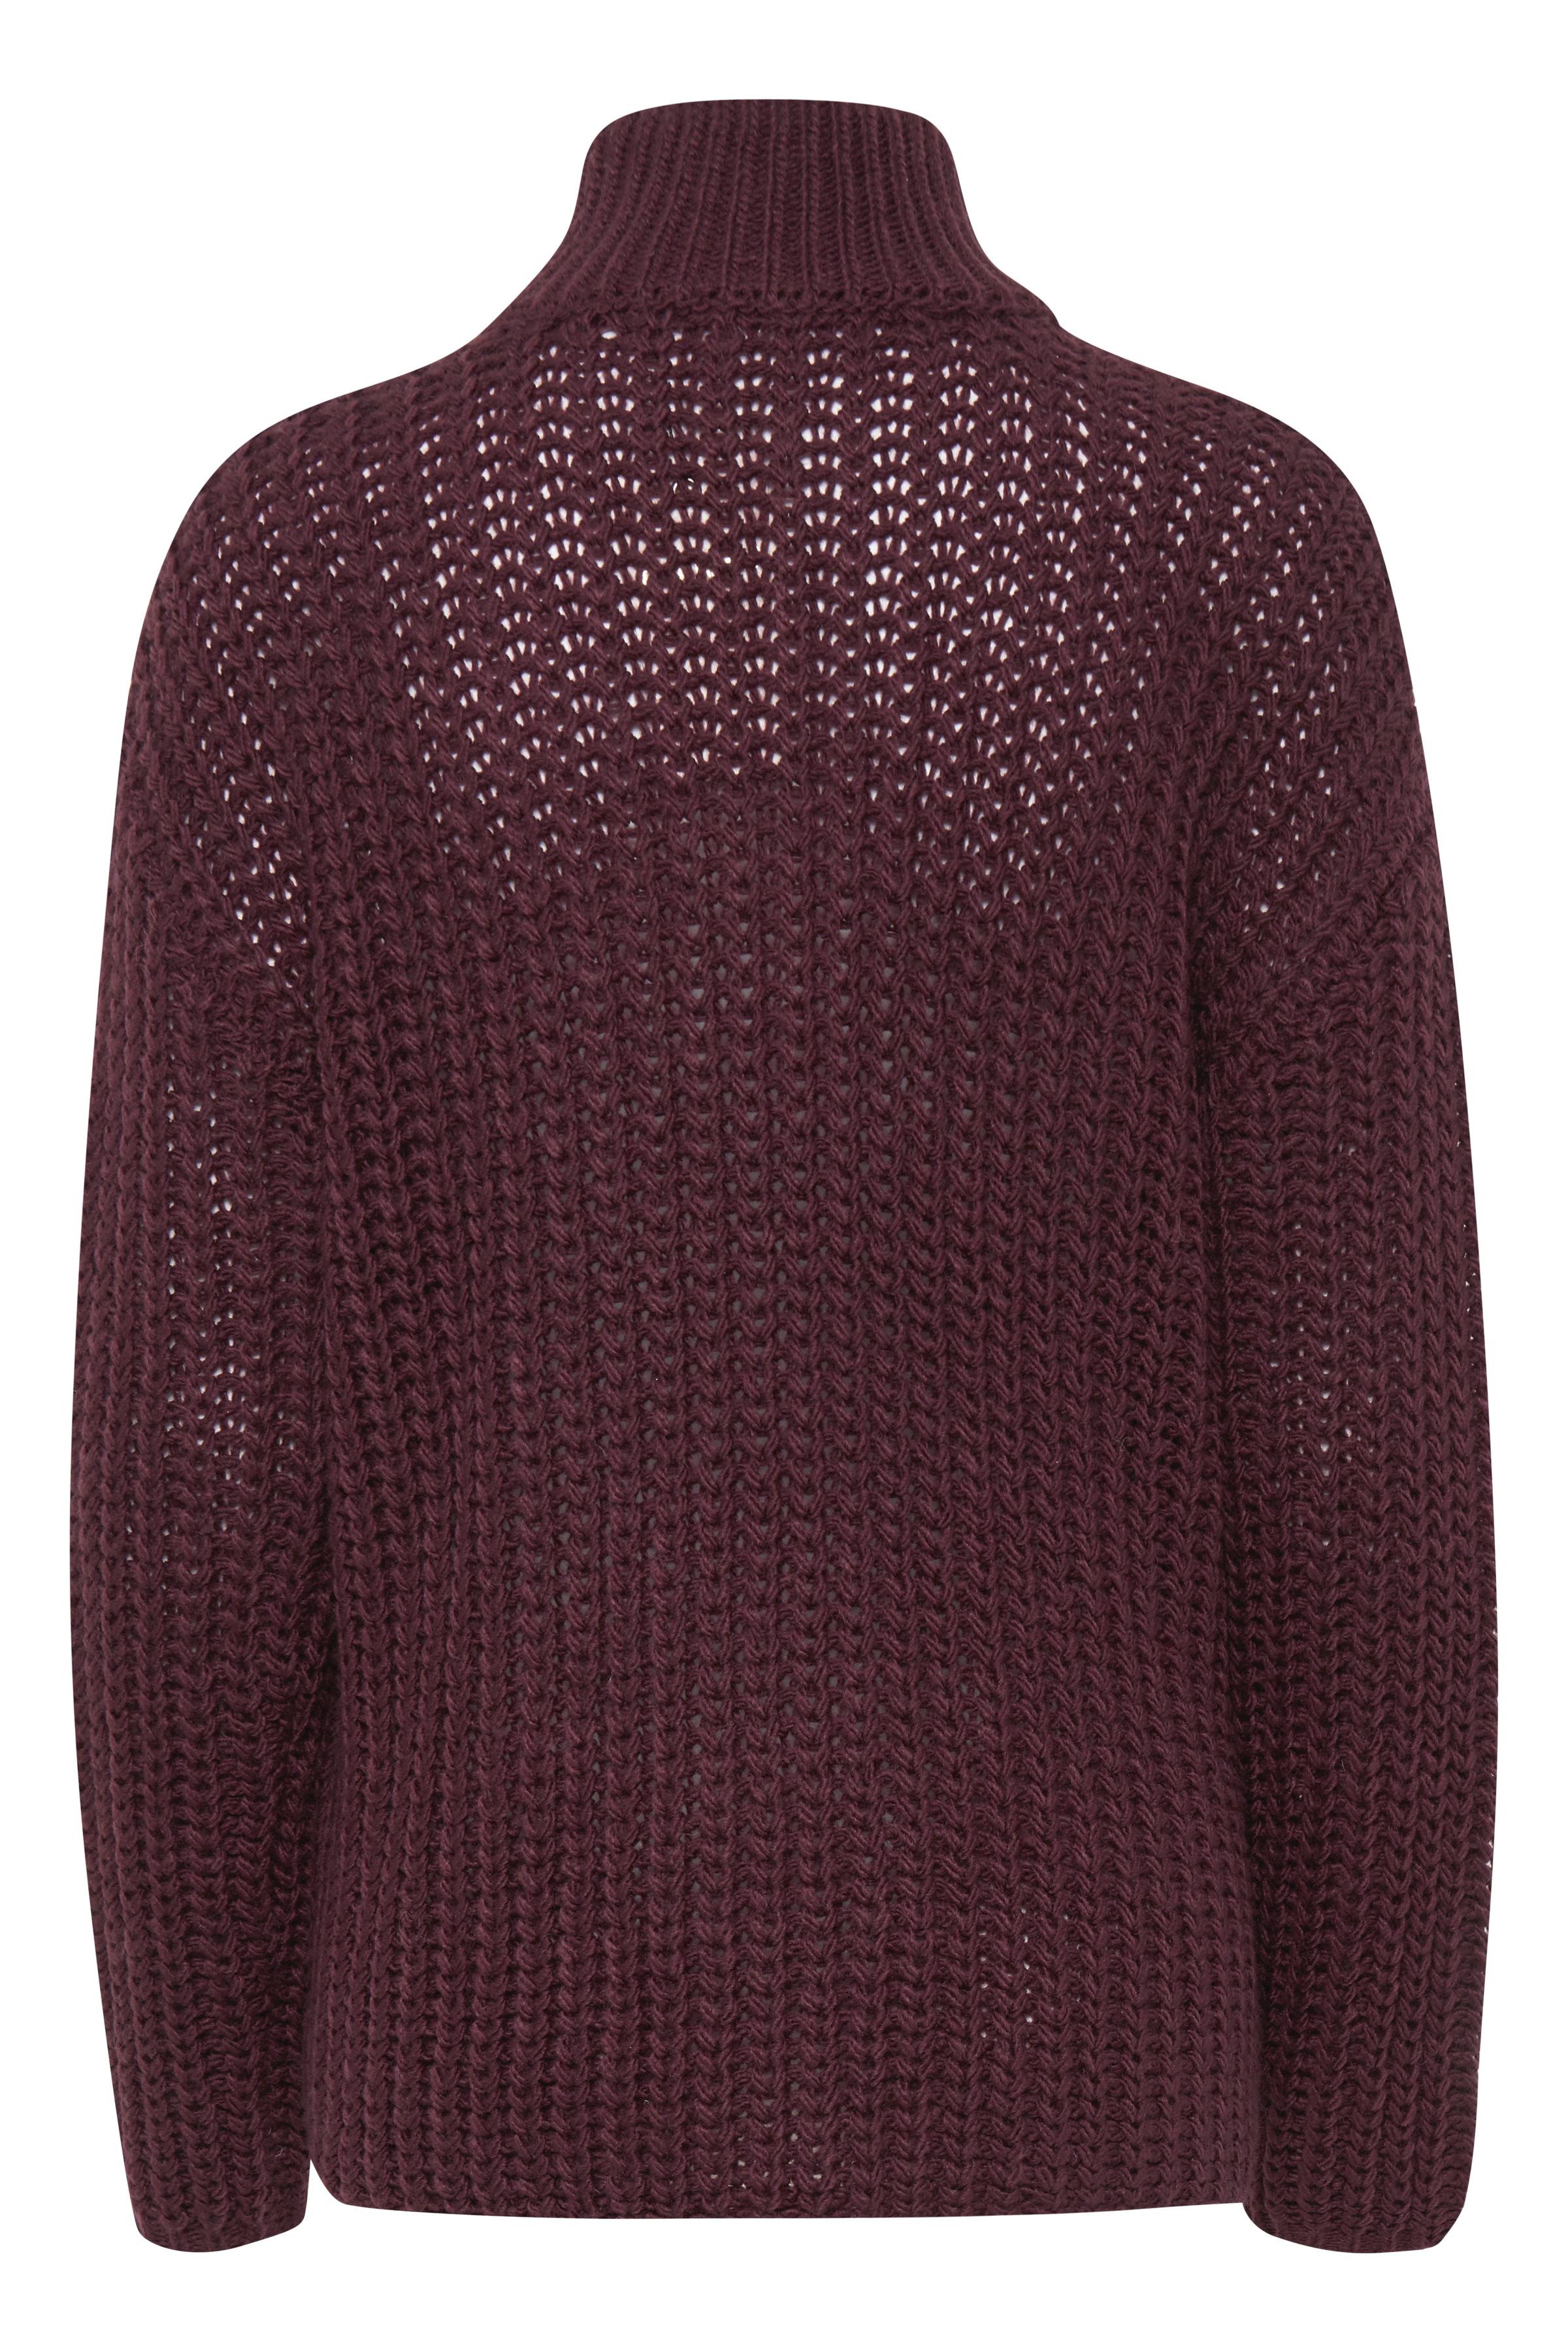 Bordeaux Stickad pullover från Dranella – Köp Bordeaux Stickad pullover från stl. XS-XXL här